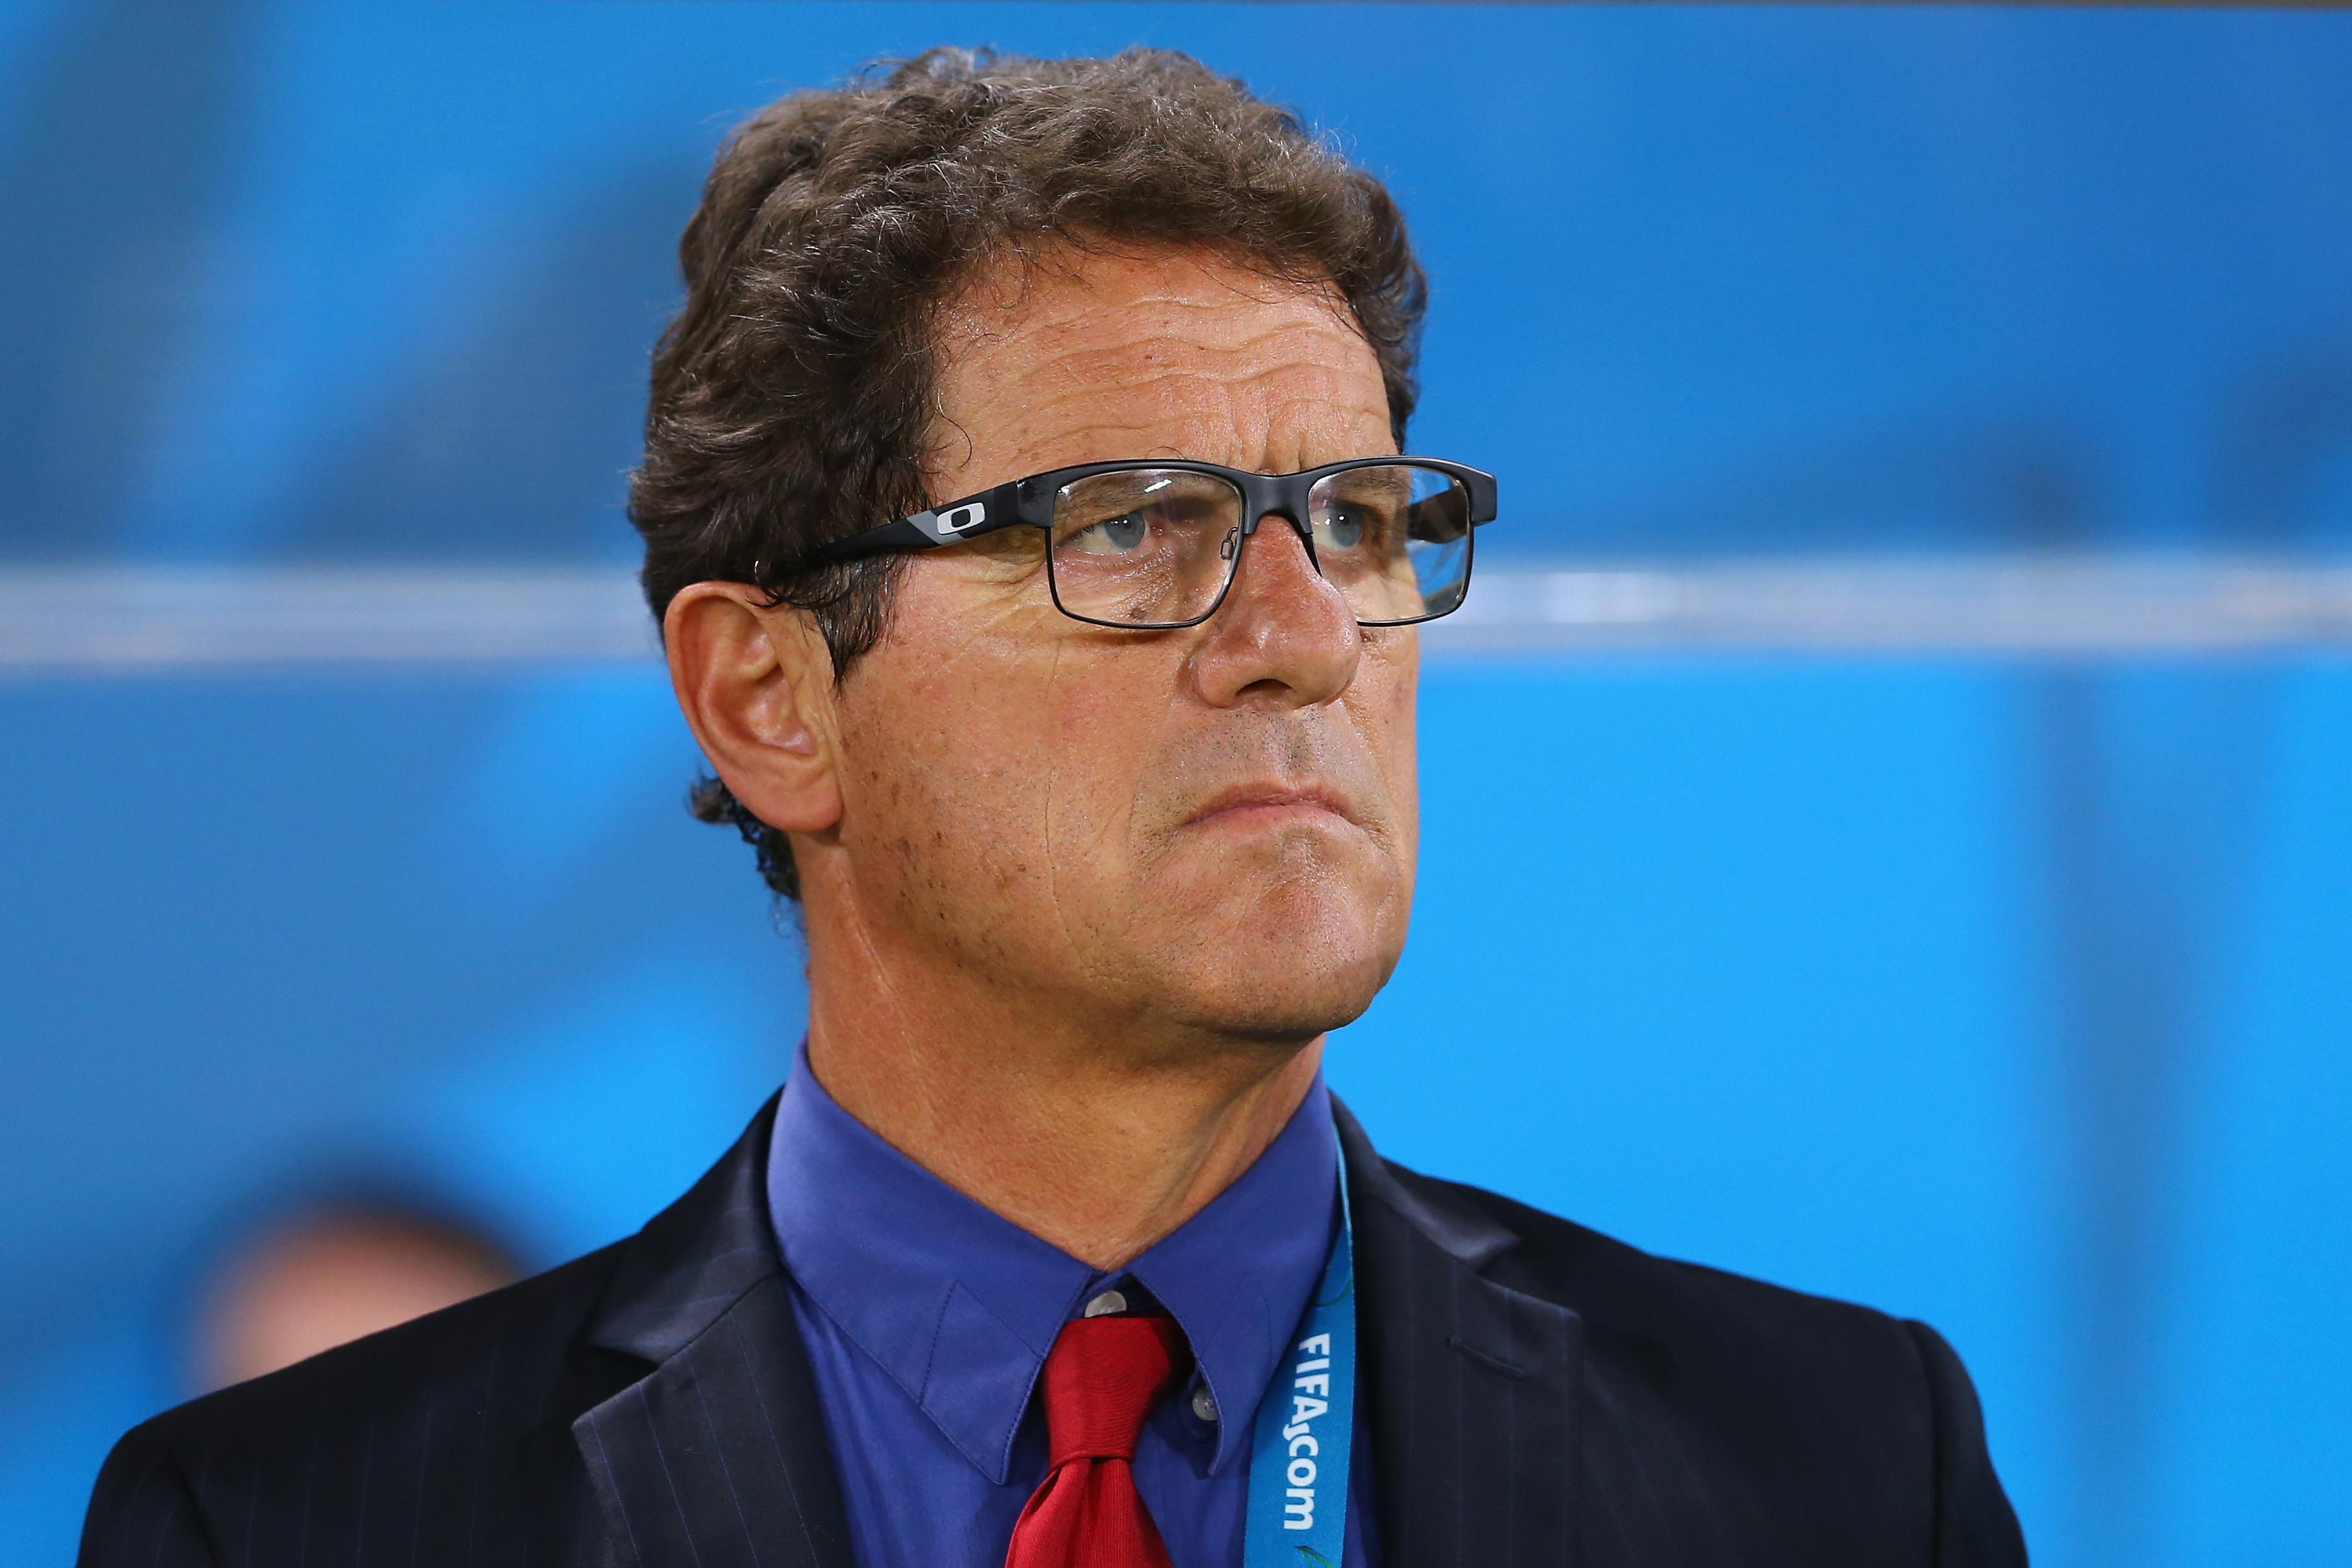 Fabio Capello venne scelto da Silvio Berlusconi per sostituire Nils Liedholm al Milan, restandoci per 86 giorni